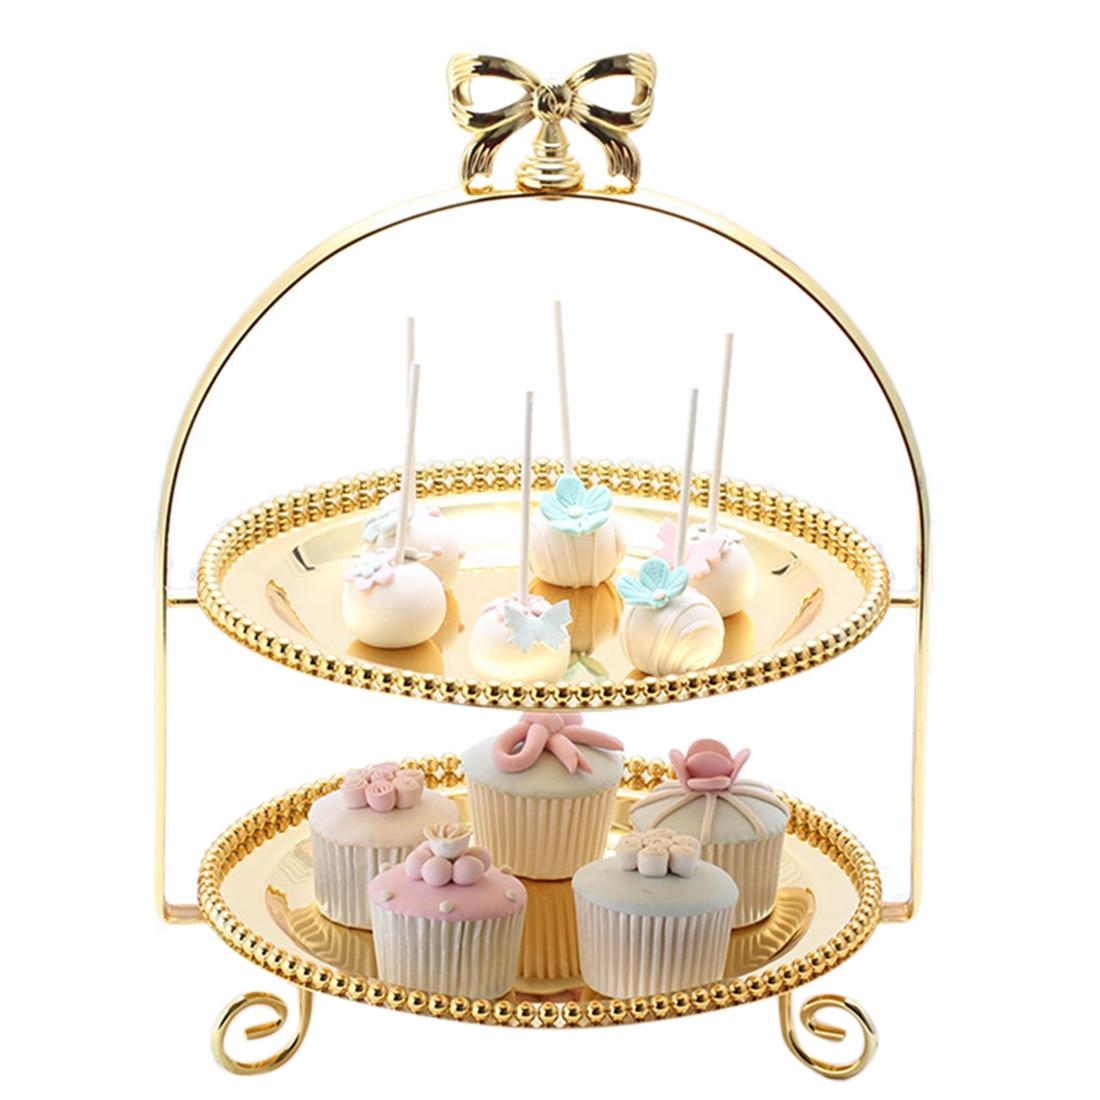 Plateau rond à Dessert aux fruits | À 2 niveaux avec nœud papillon, plateau à gâteaux aux fruits avec plateau-doré S